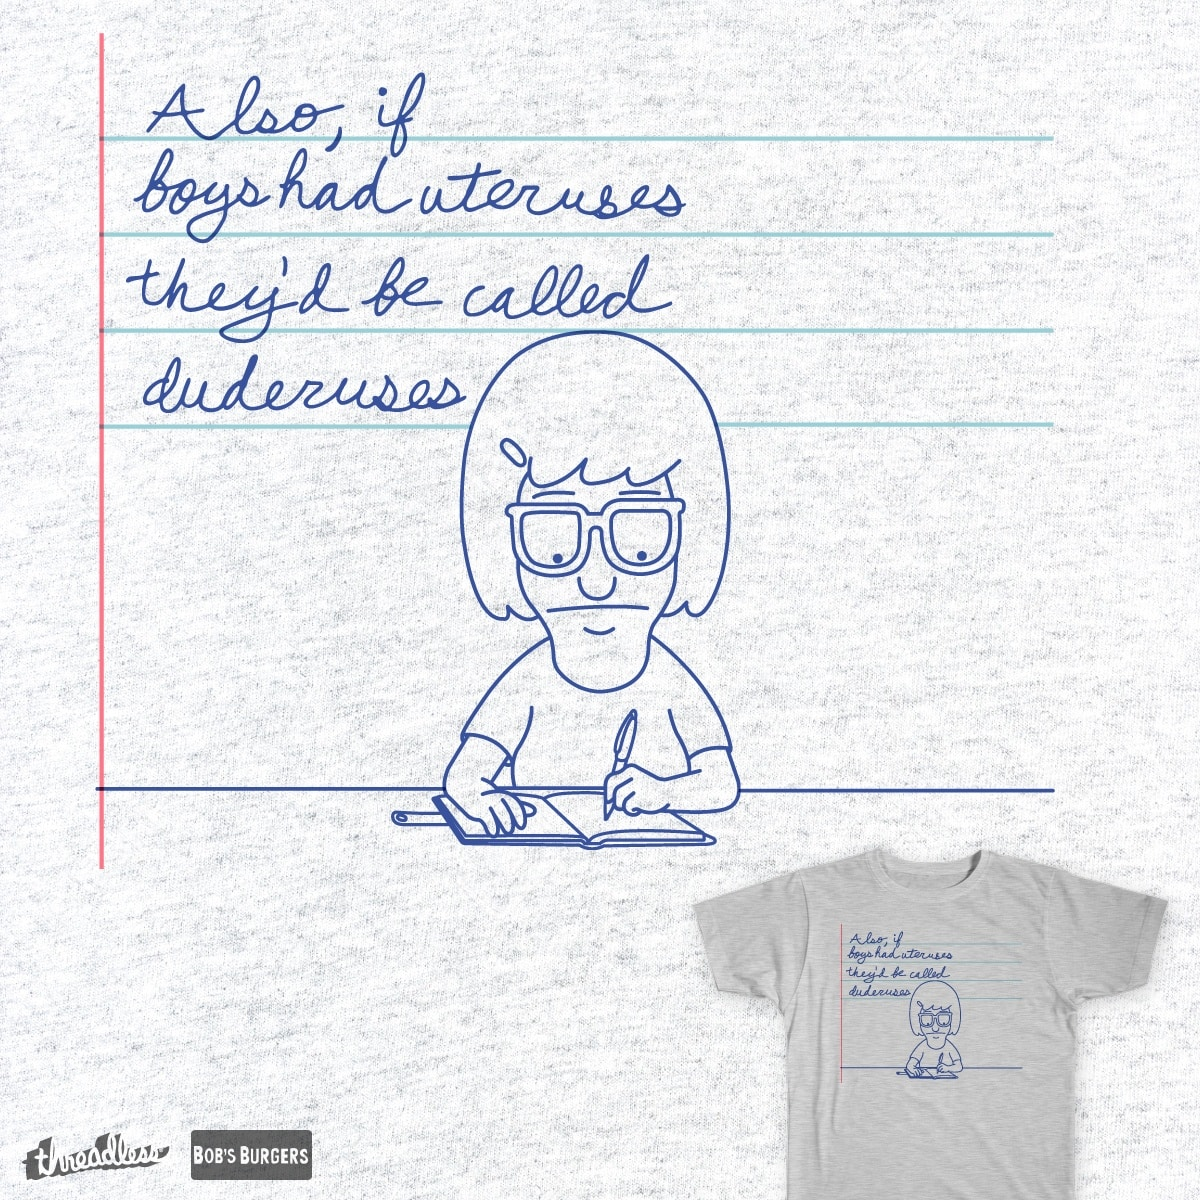 Dear Diary... by postlopez on Threadless